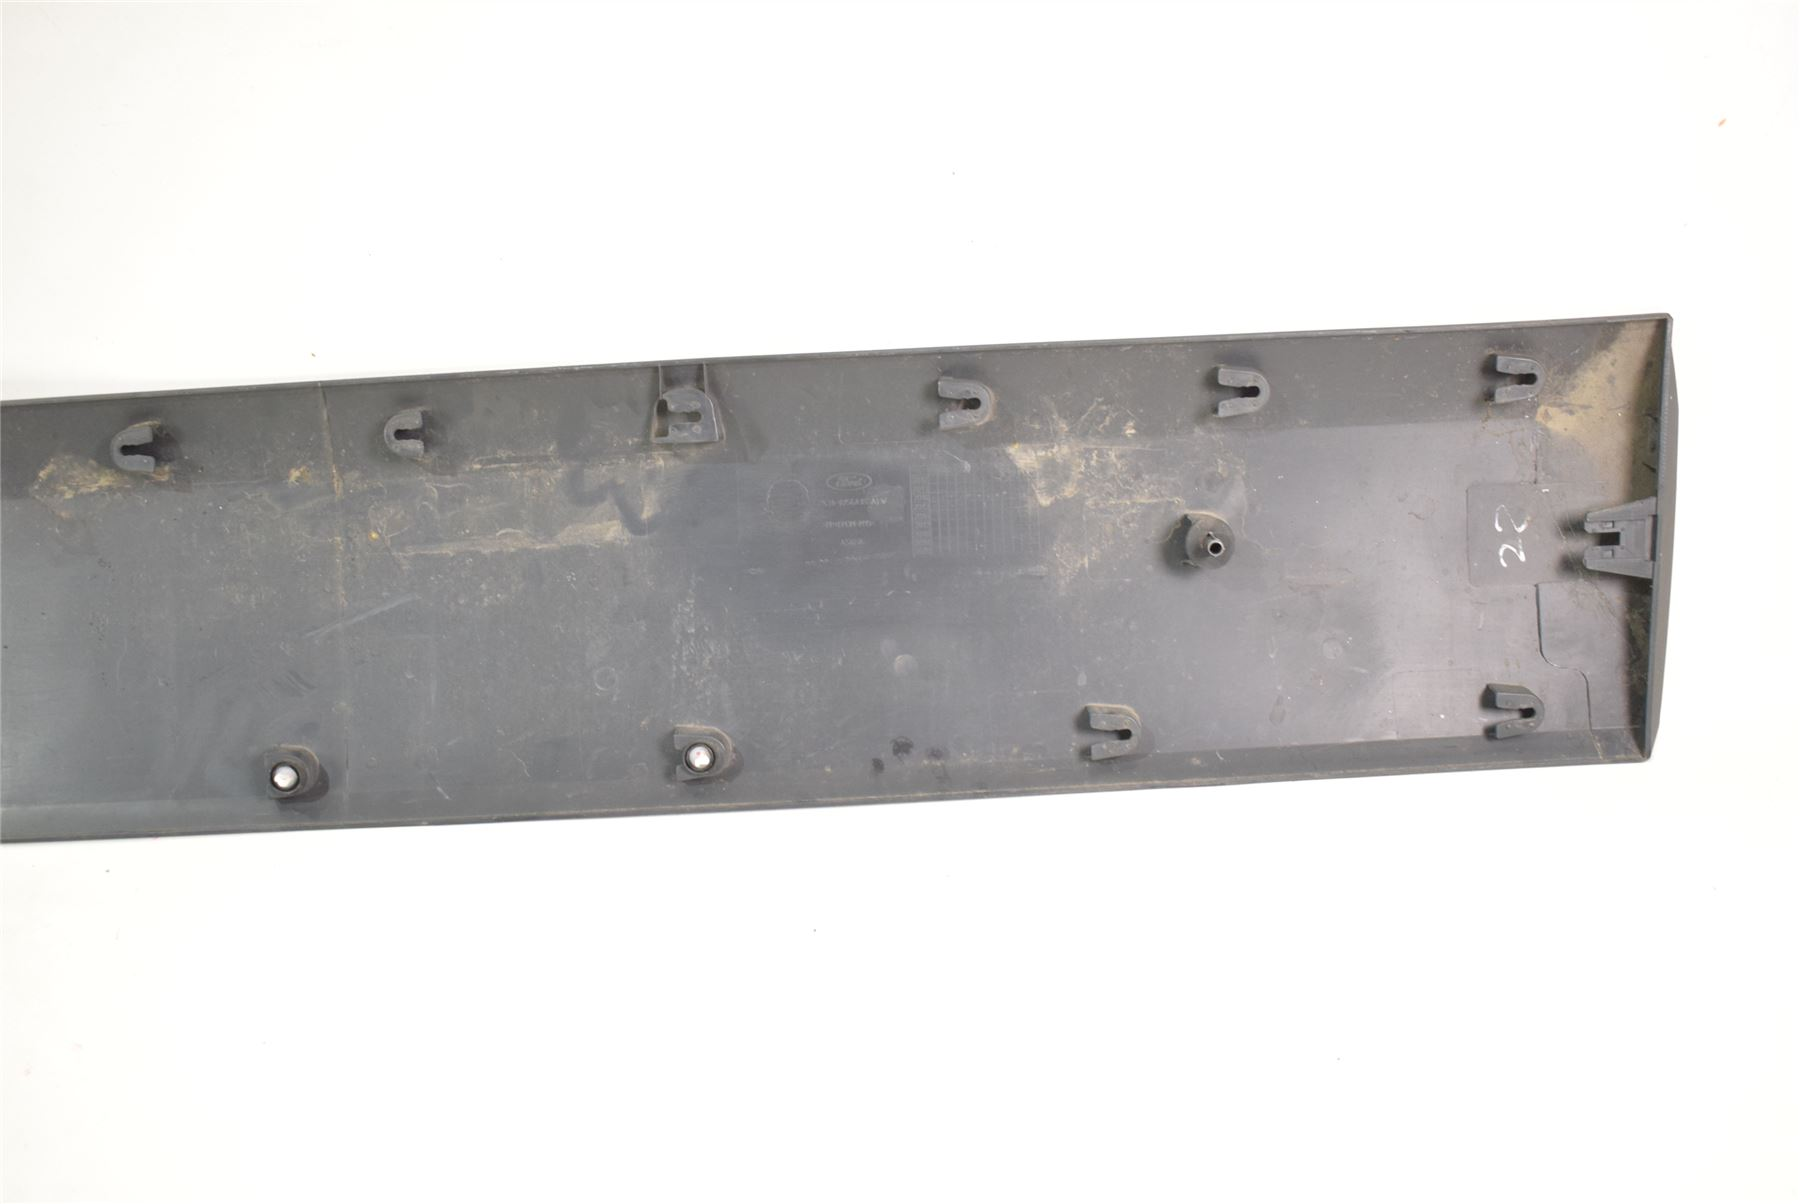 PANEL MOULDING BK31-V254A16-AFW 2014+ON FORD TRANSIT RIGHT SIDE SLIDING DOOR